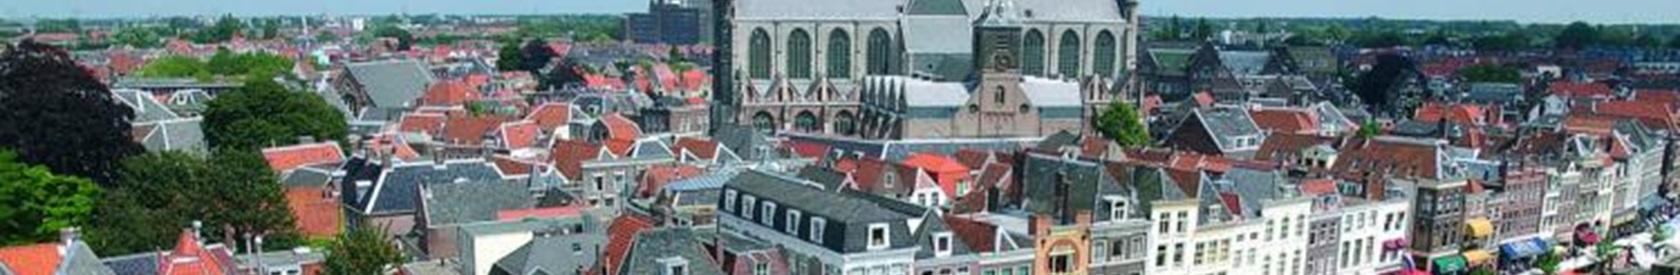 Kerk in het hart van Leiden